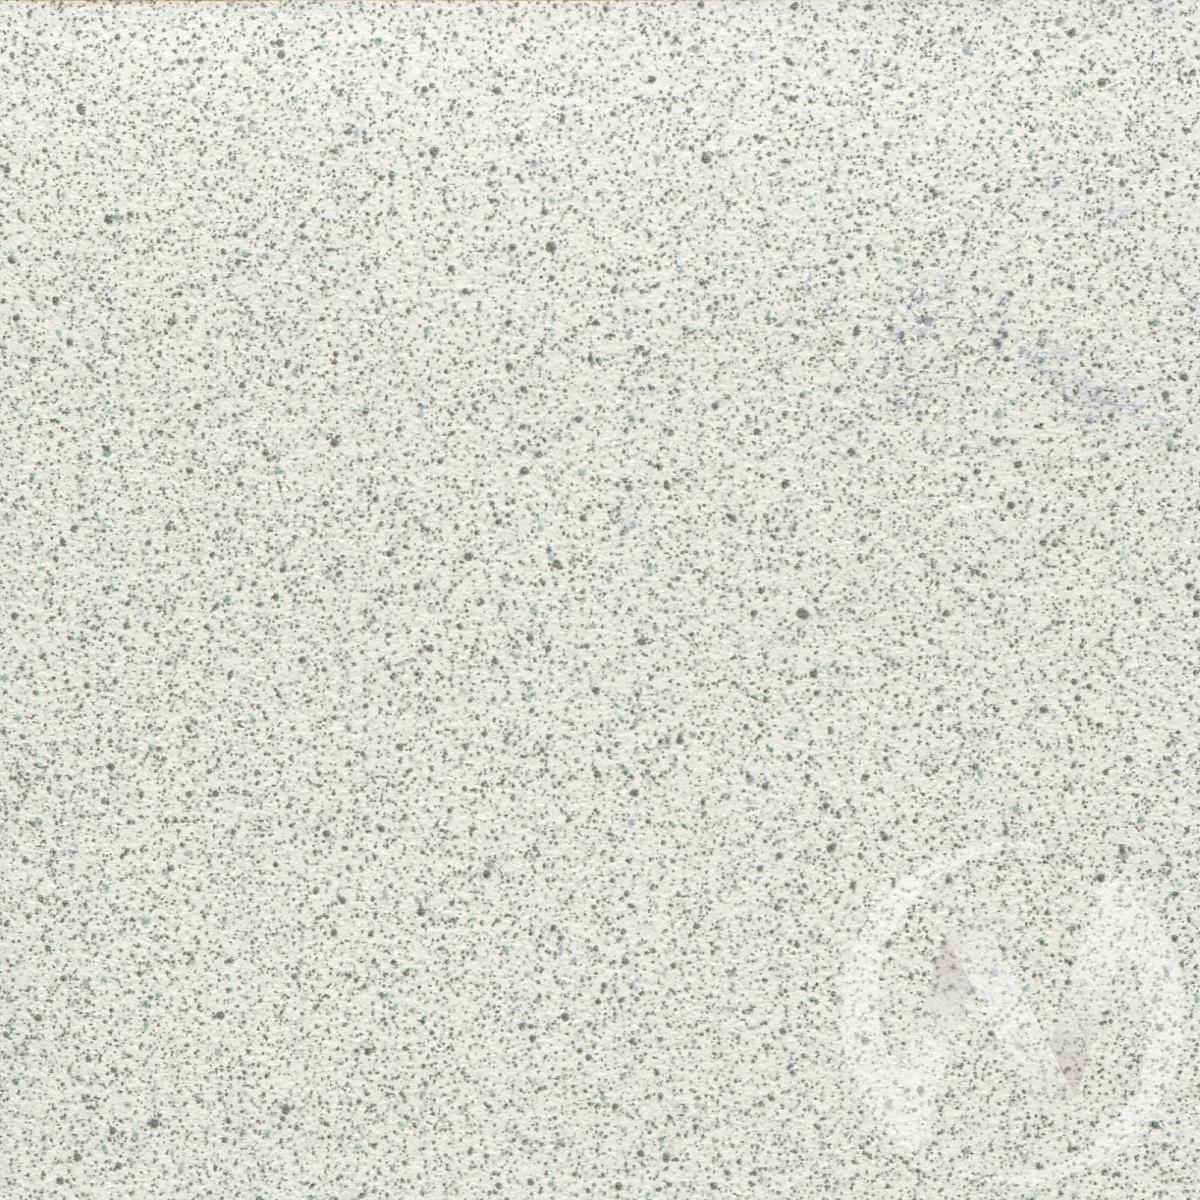 СТ-300 Столешница 300*600*26 (№130 сахара белая)СКИФ